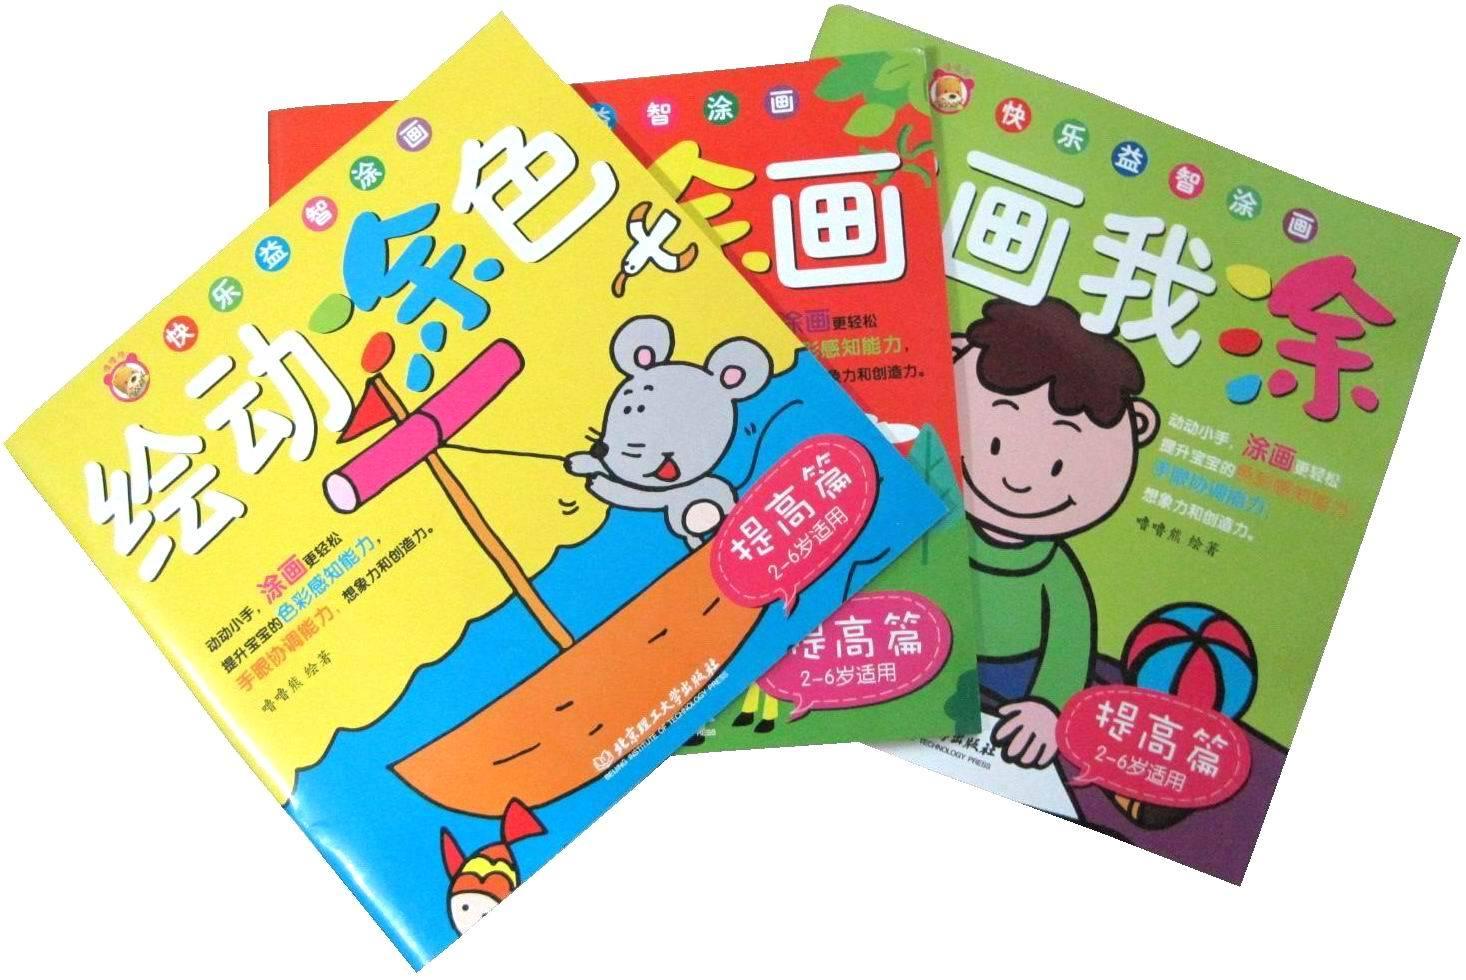 тетрадь для рисования Подлинное детей фотография книги рисунка заливки, рисовать счастливым живописи и творческий живопись 3 2-6,